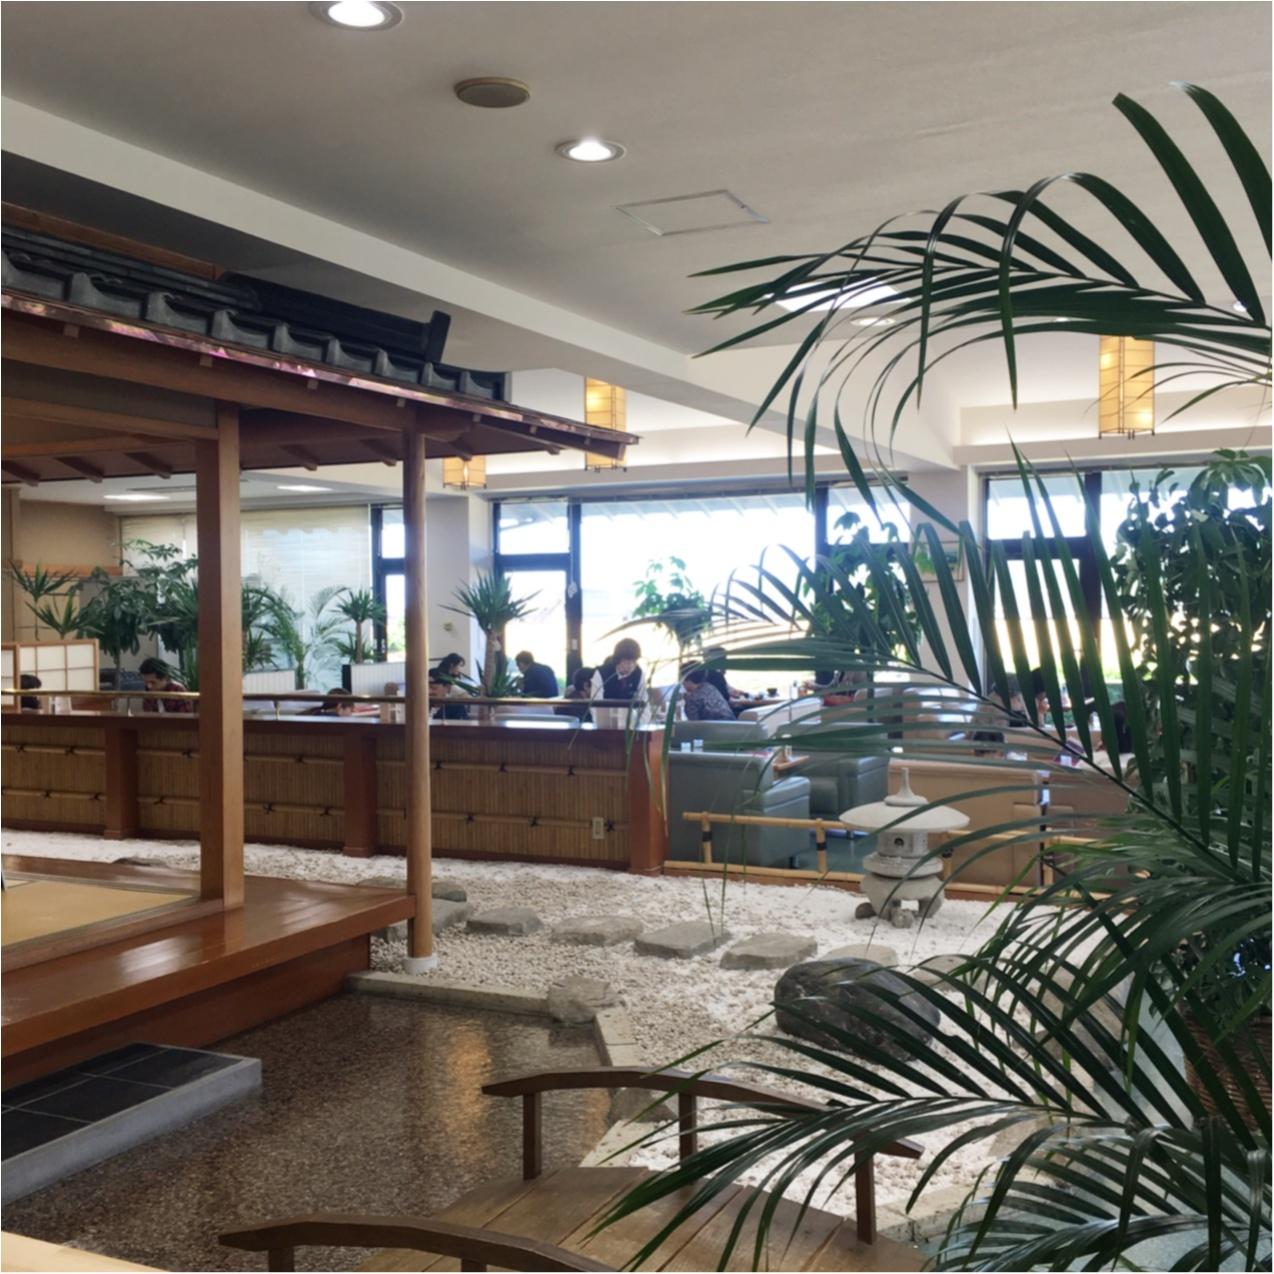 鳥取に行ったら行きたい♡ご当地コーヒーの 《 すなば珈琲 》へ行ってみた♡♡_2